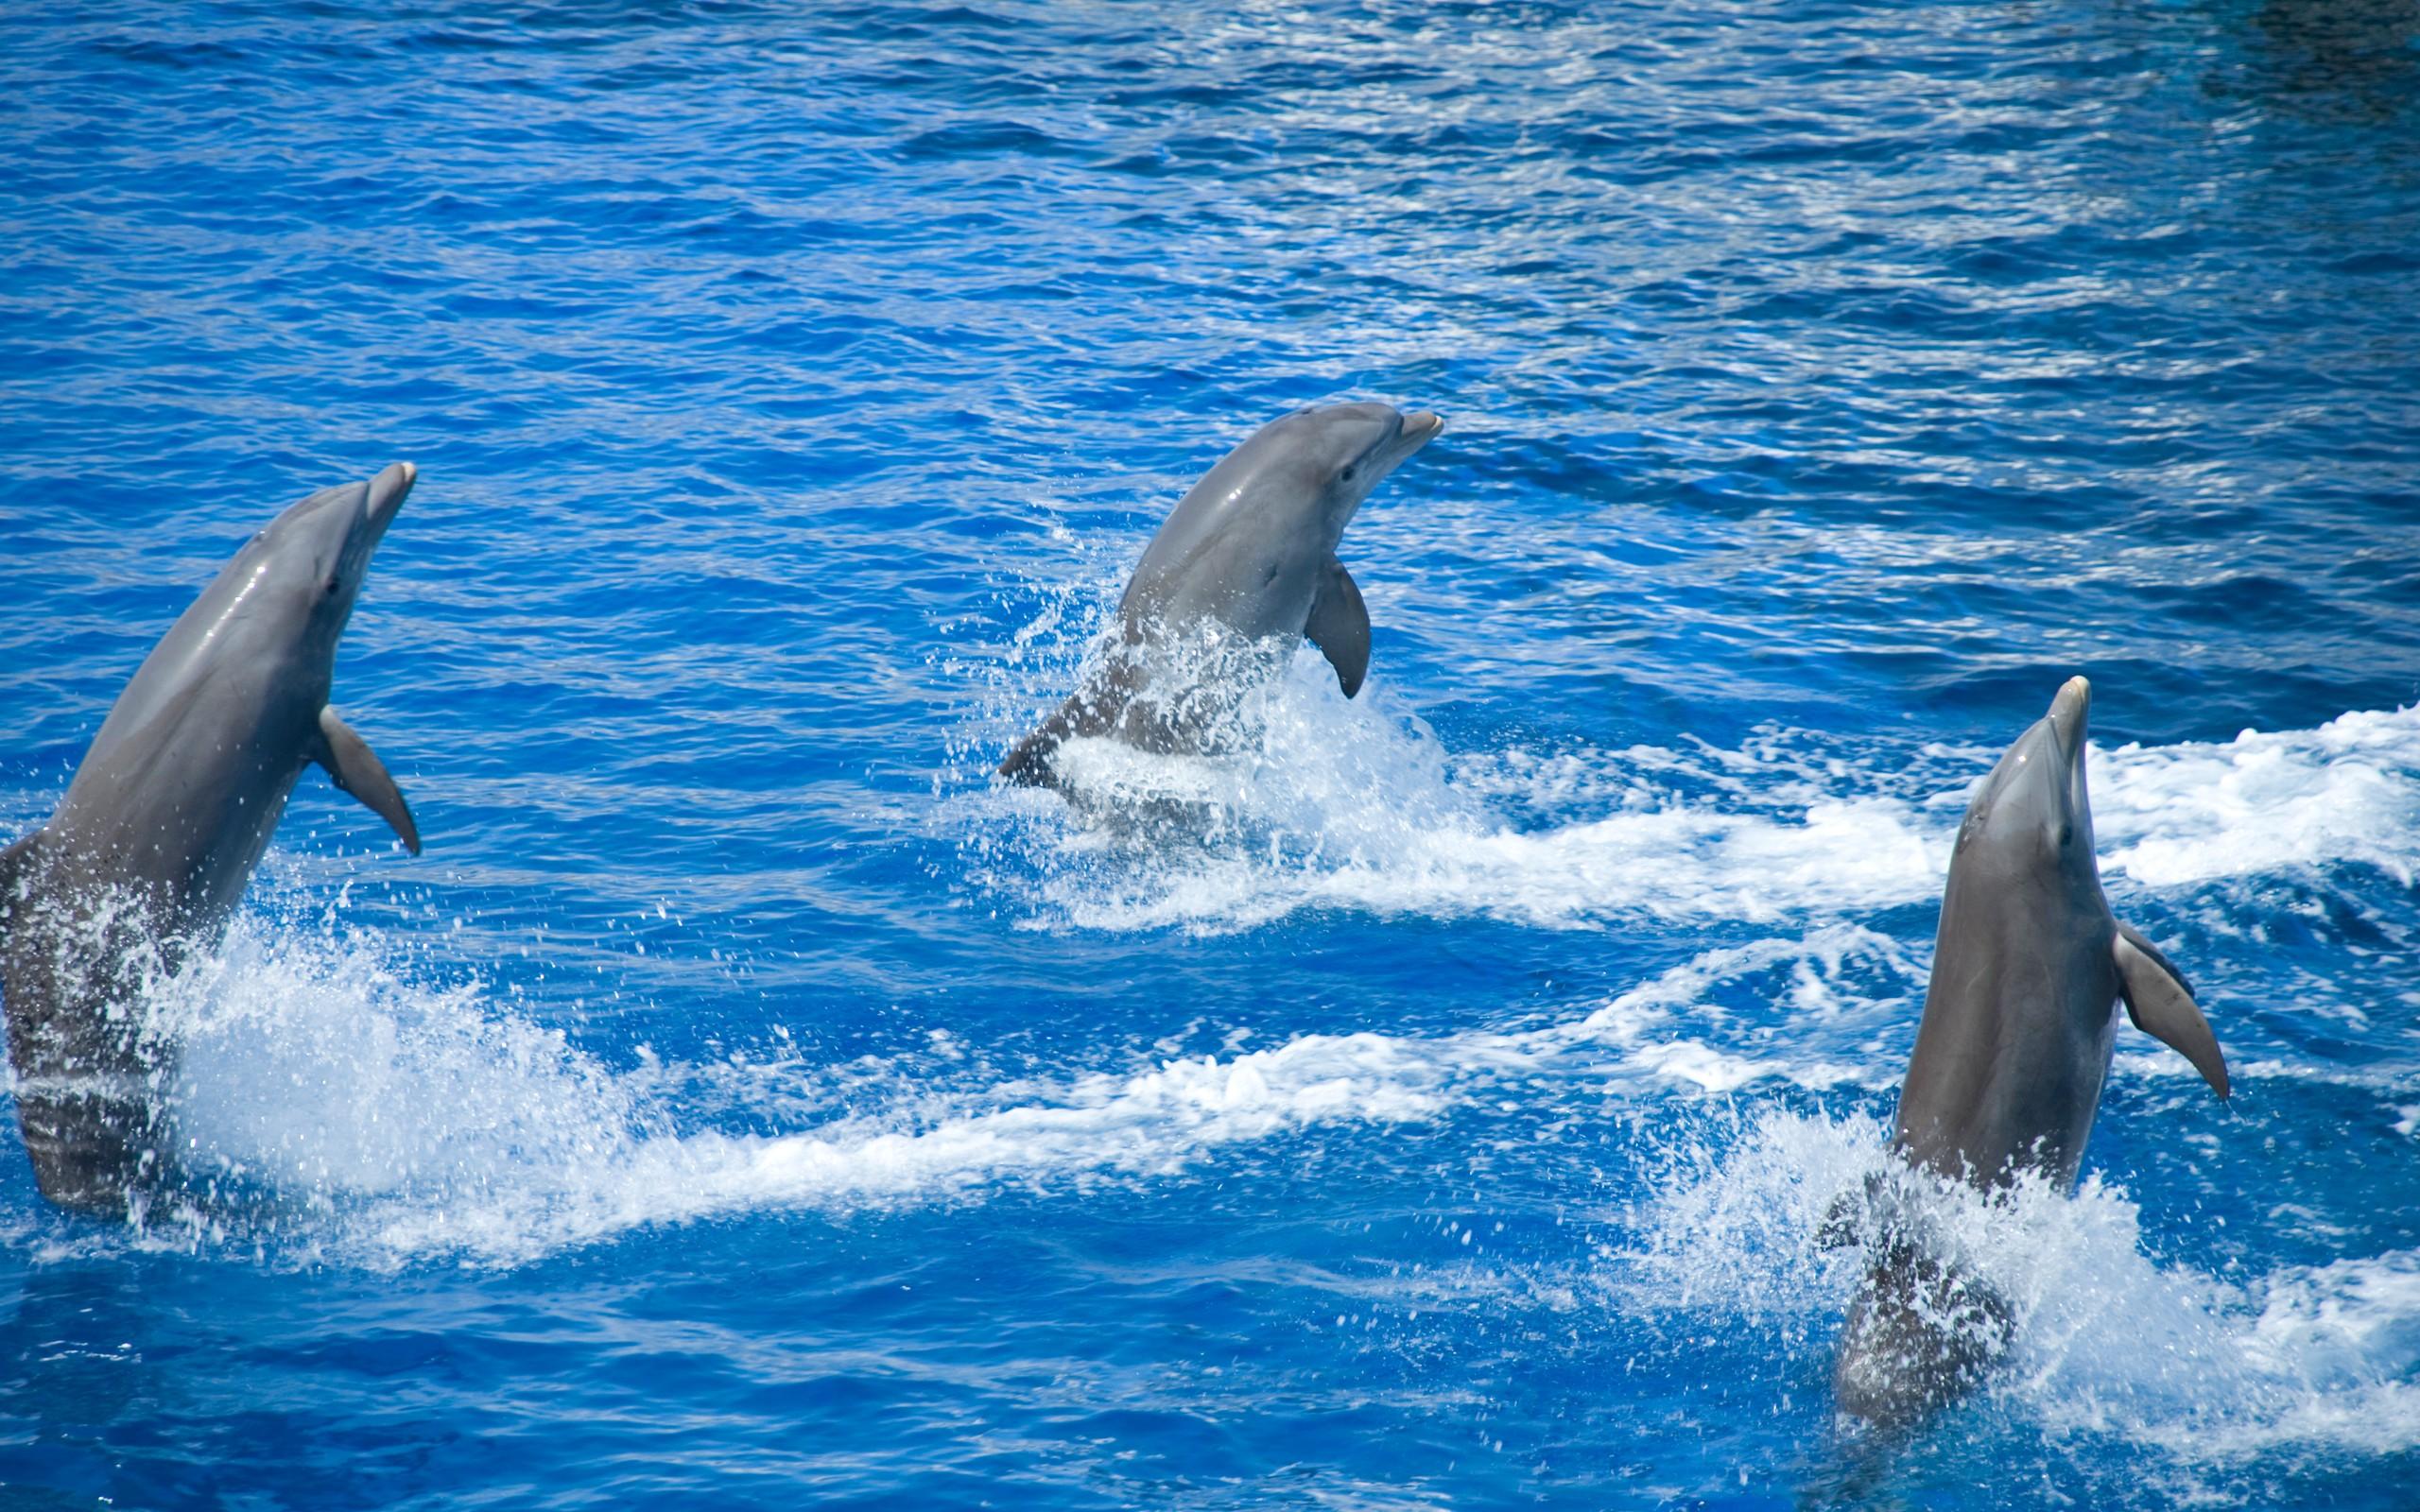 своего высококачественные фотографии дельфинов цепень это